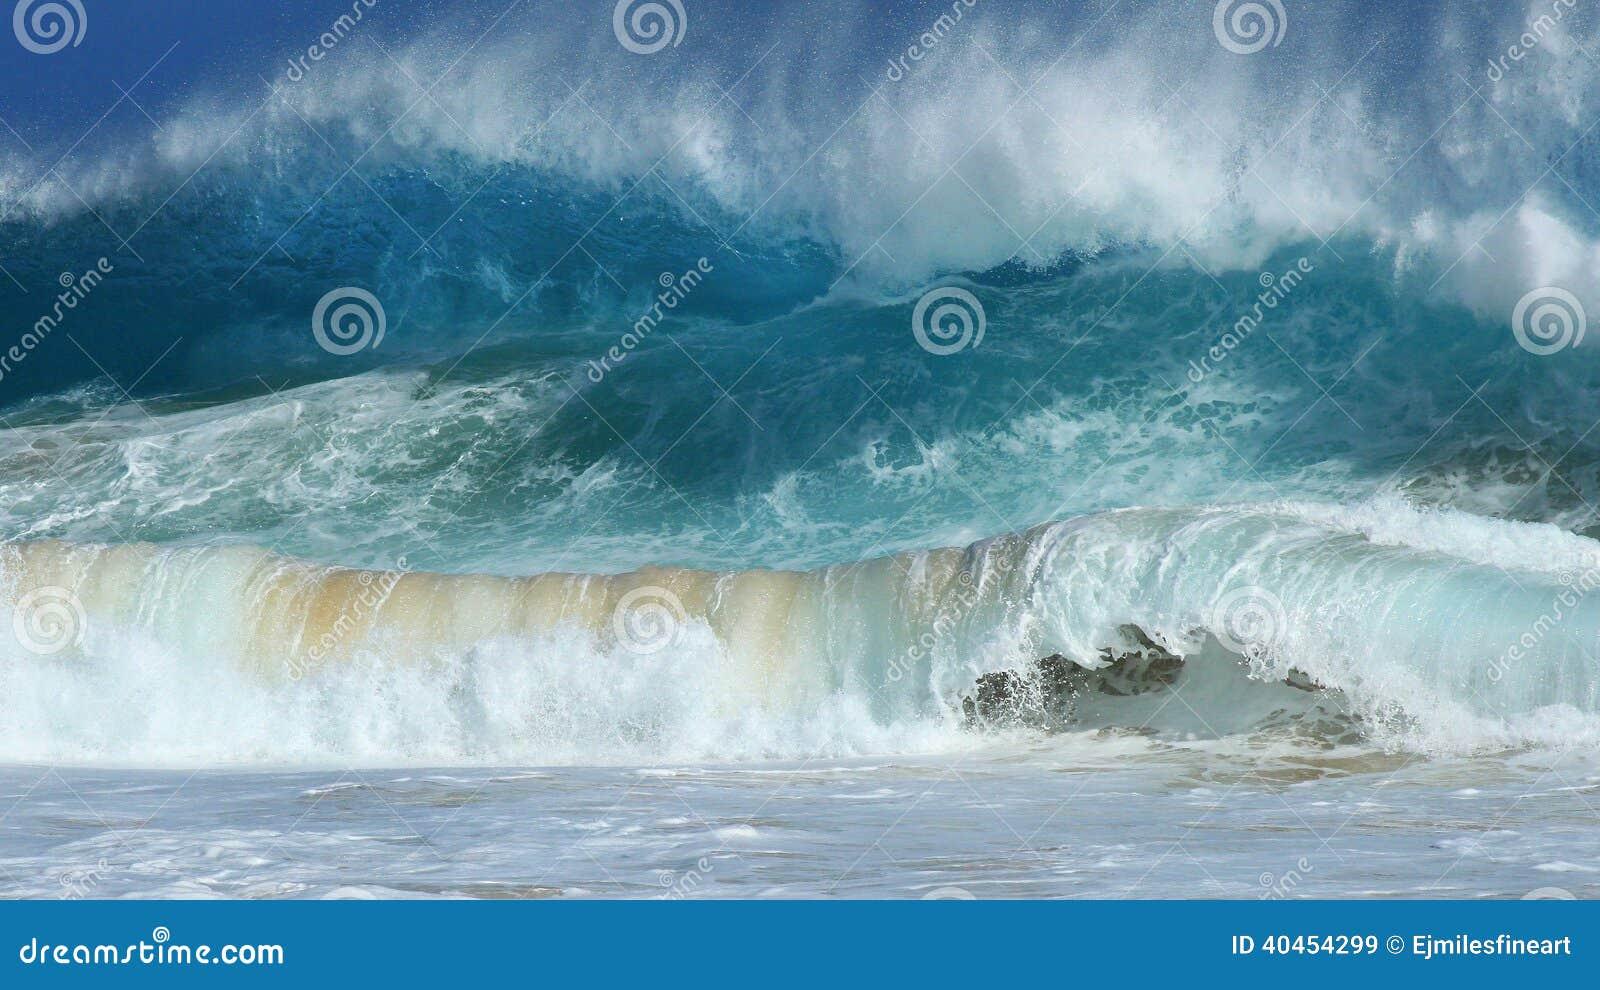 Vagues se brisantes, plage sablonneuse, Hawaï